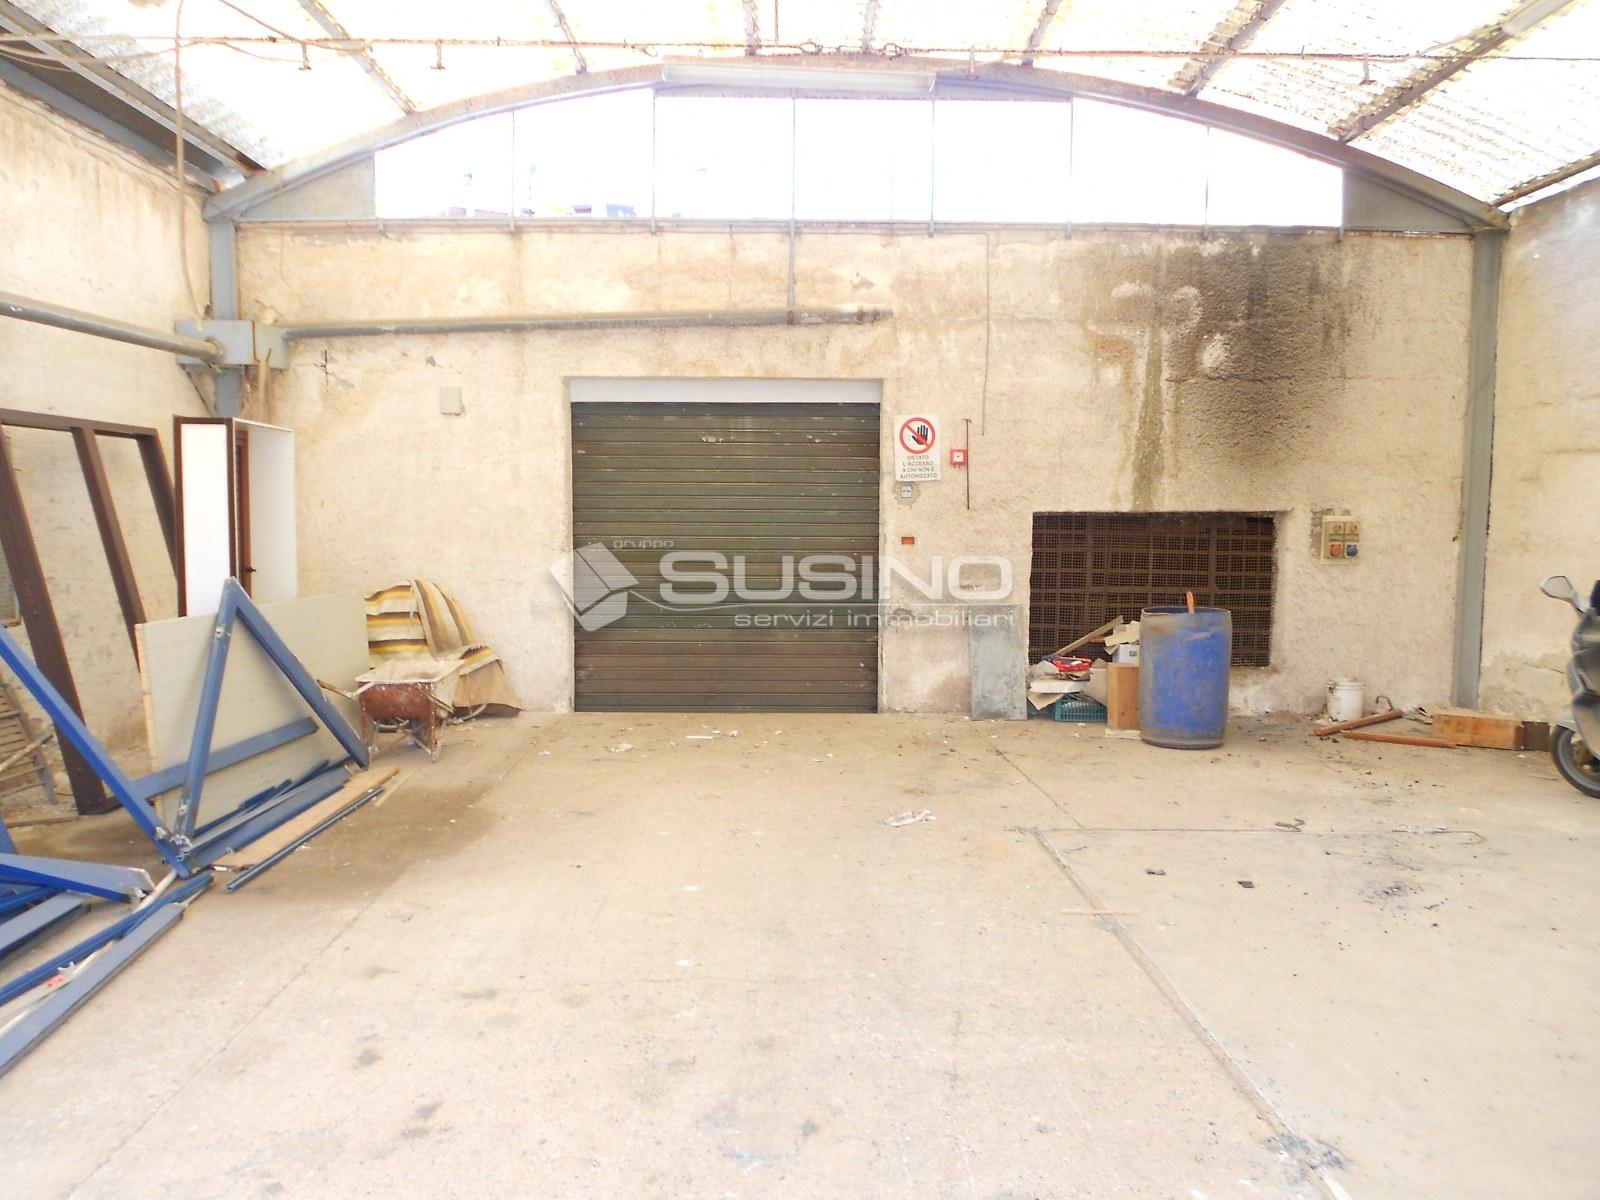 Capannone in vendita a Siracusa, 9999 locali, zona Zona: Borgata, prezzo € 100.000   Cambio Casa.it